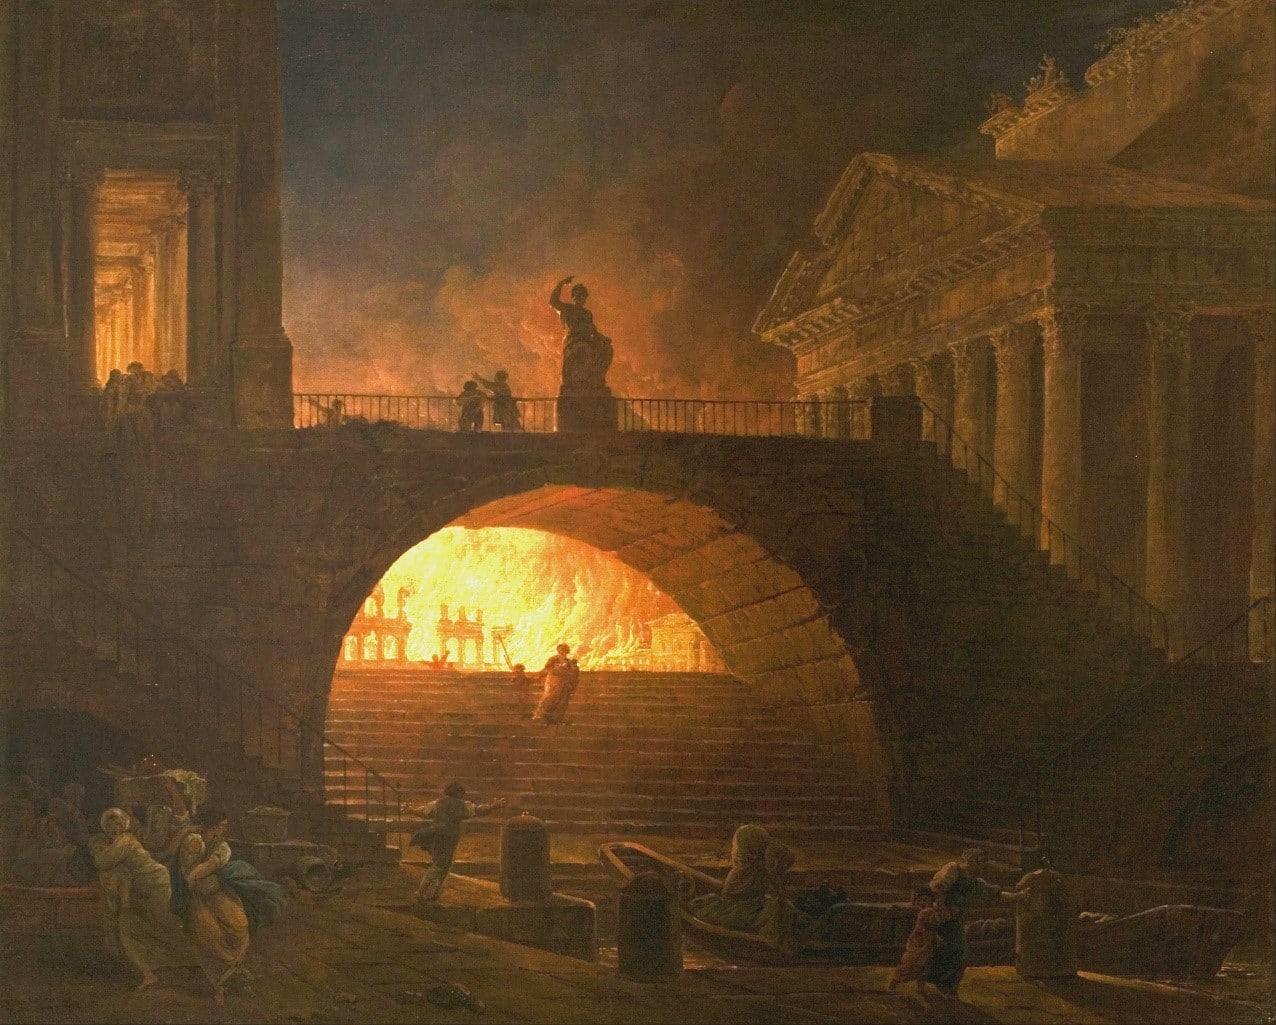 Catástrofes desde la antigua Roma hasta hoy que han replanteado la reglamentación de puertas de seguridad